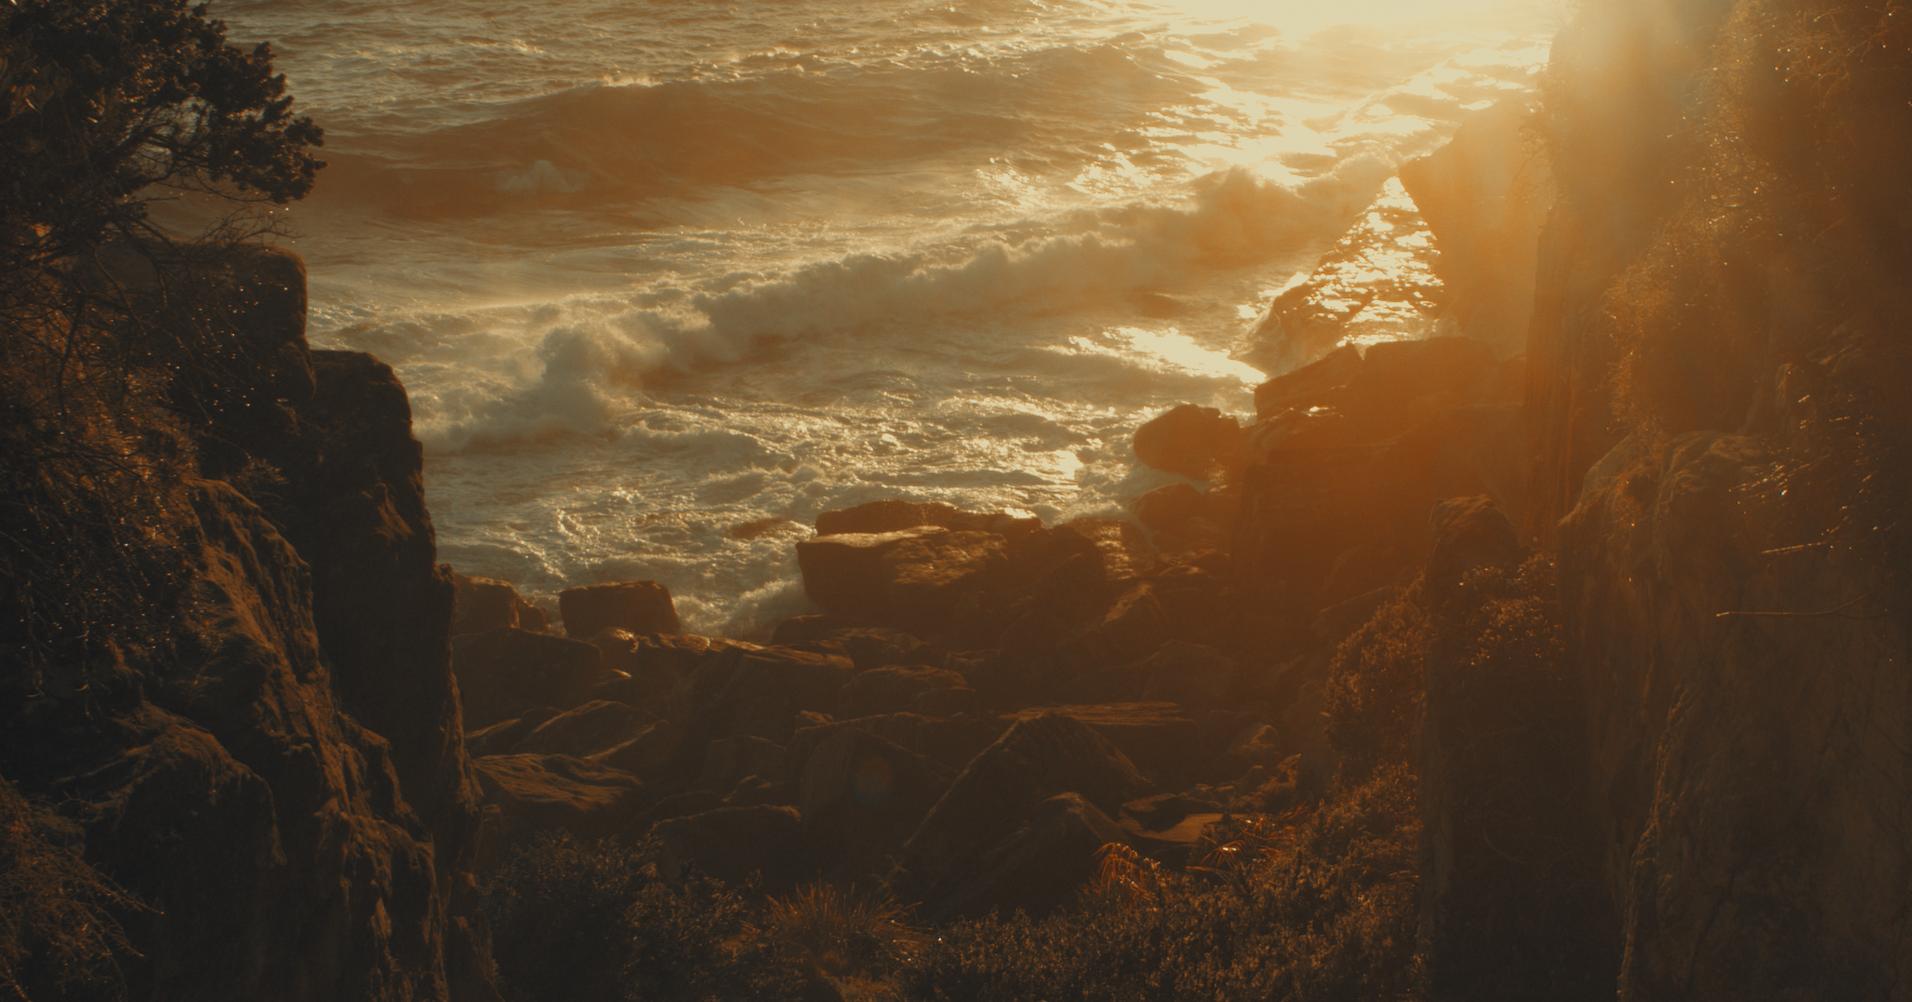 Screen Shot 2014-01-16 at 9.10.42 AM.png